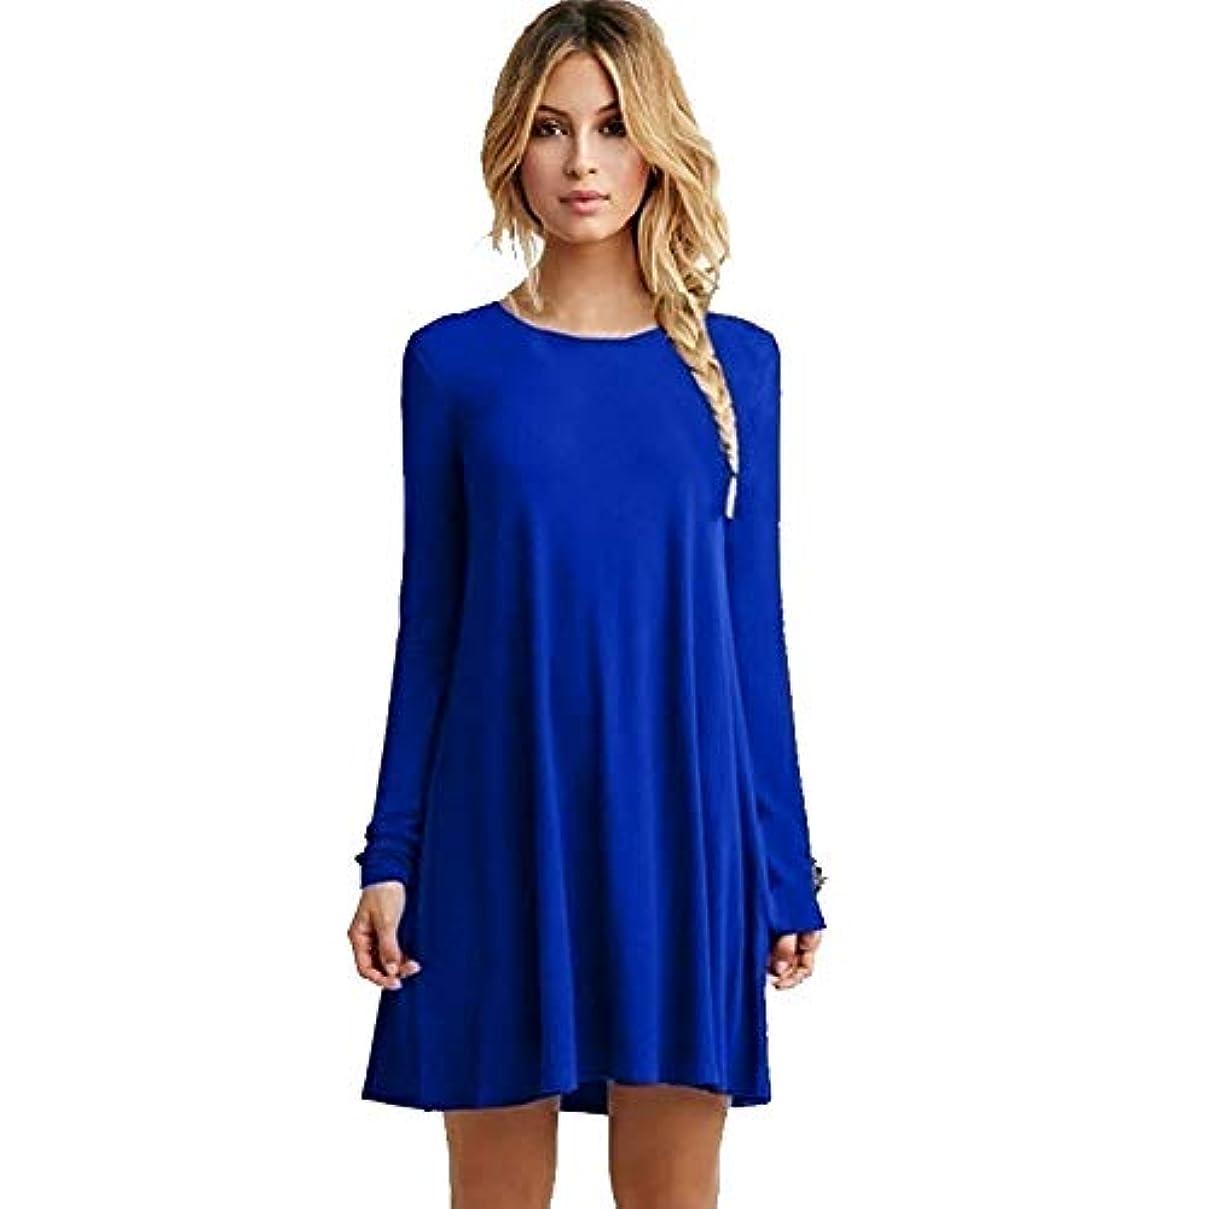 期待する粘り強いブーストMIFANルースドレス、プラスサイズのドレス、長袖のドレス、女性のドレス、秋のドレス、マキシドレス、コットンドレス